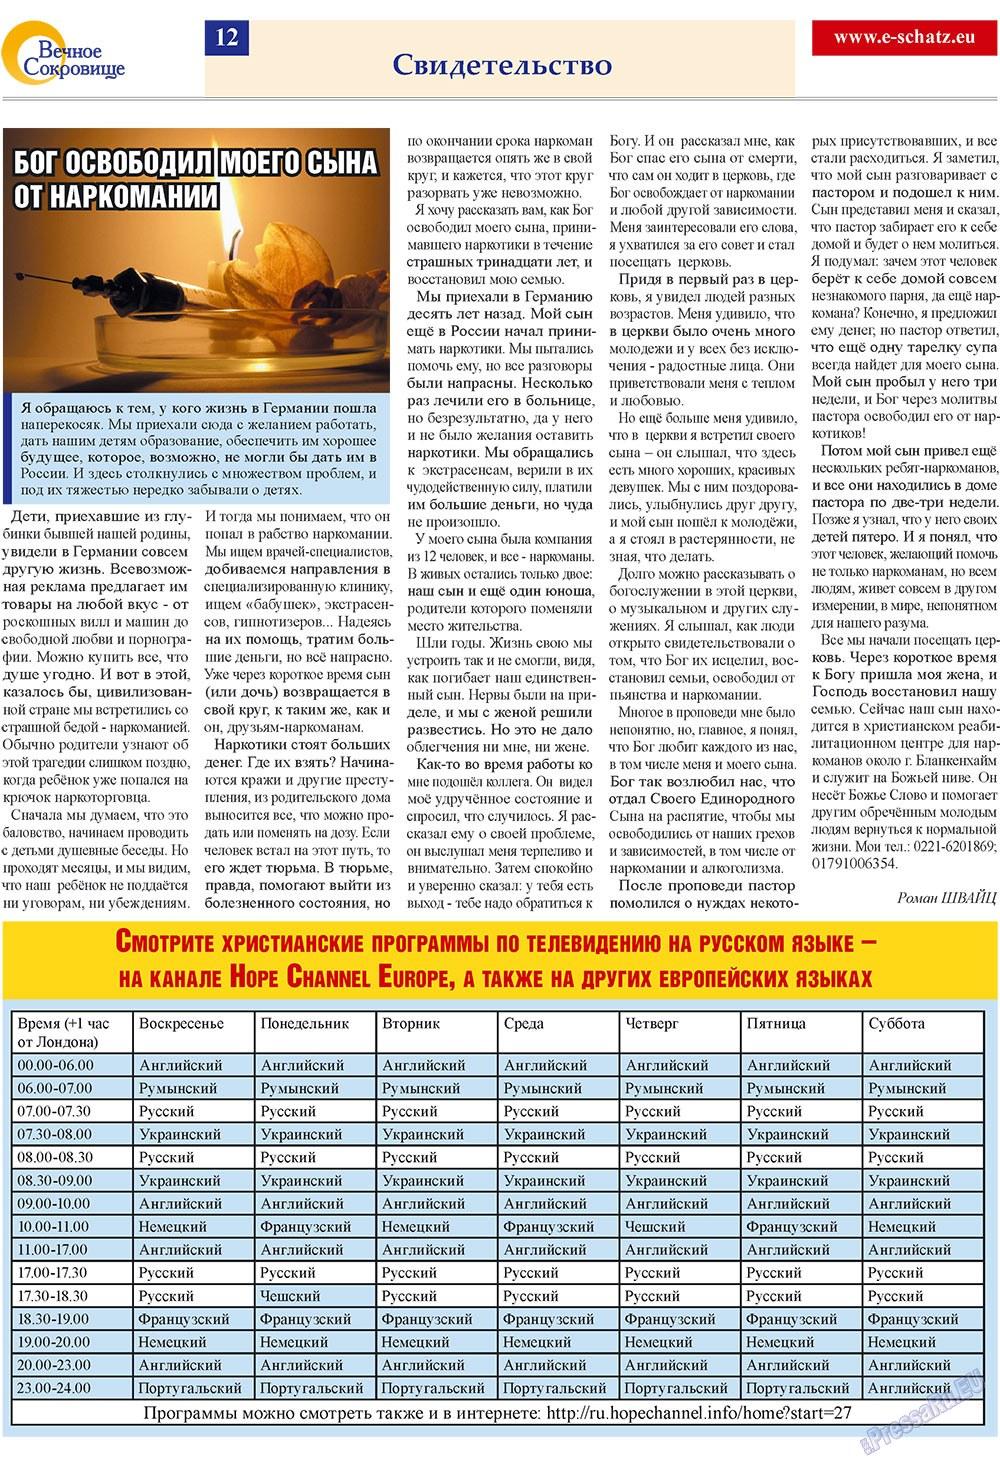 Вечное сокровище (газета). 2009 год, номер 4, стр. 12